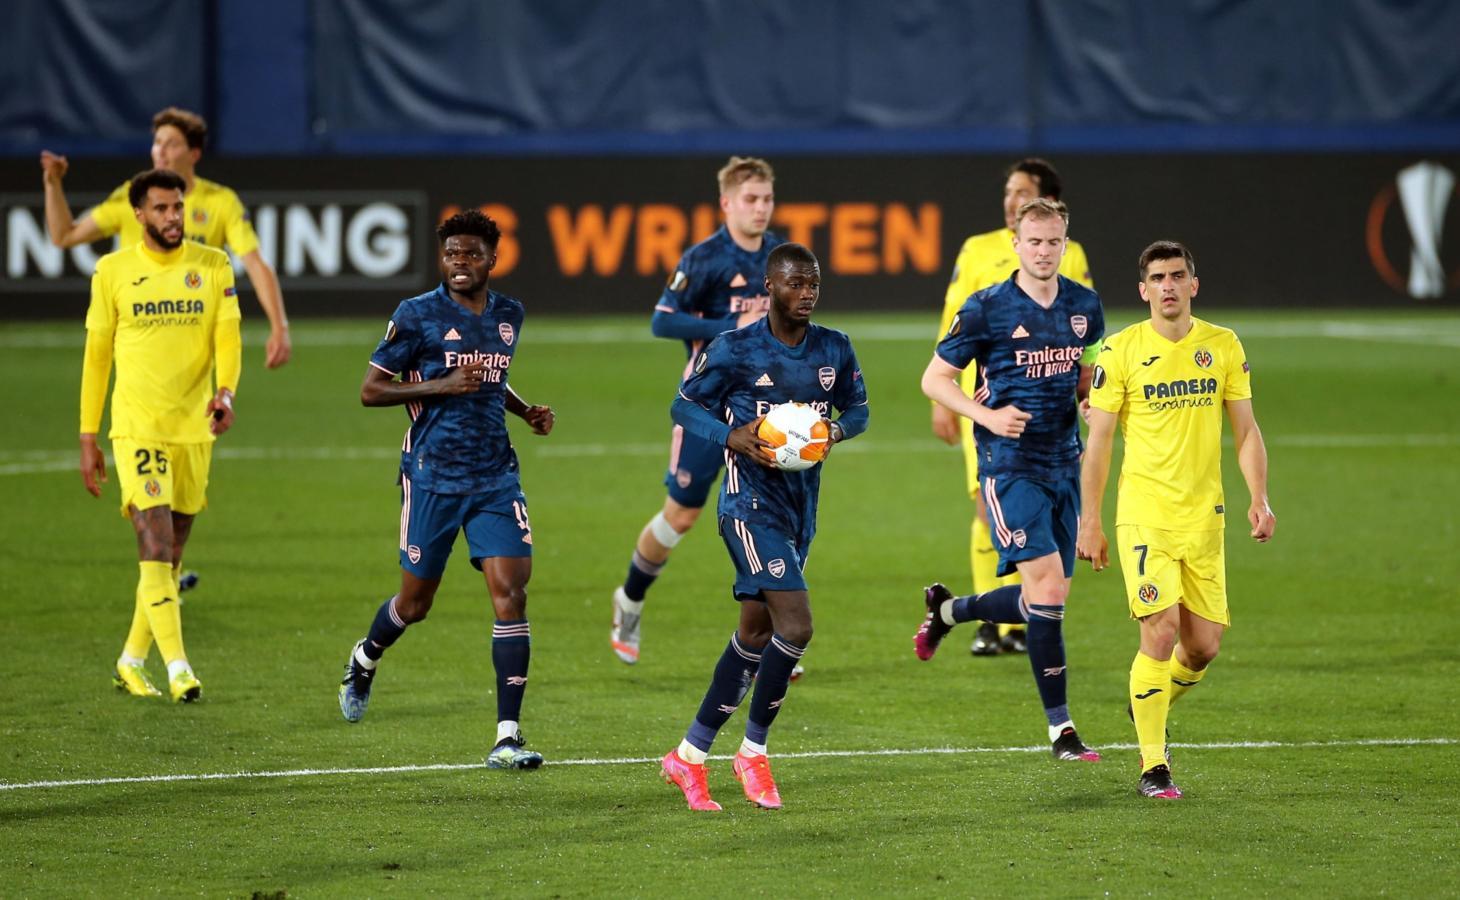 Nicholas Pépé acaba de convertir el descuento para Arsenal y se apura para la reanudación del juego.